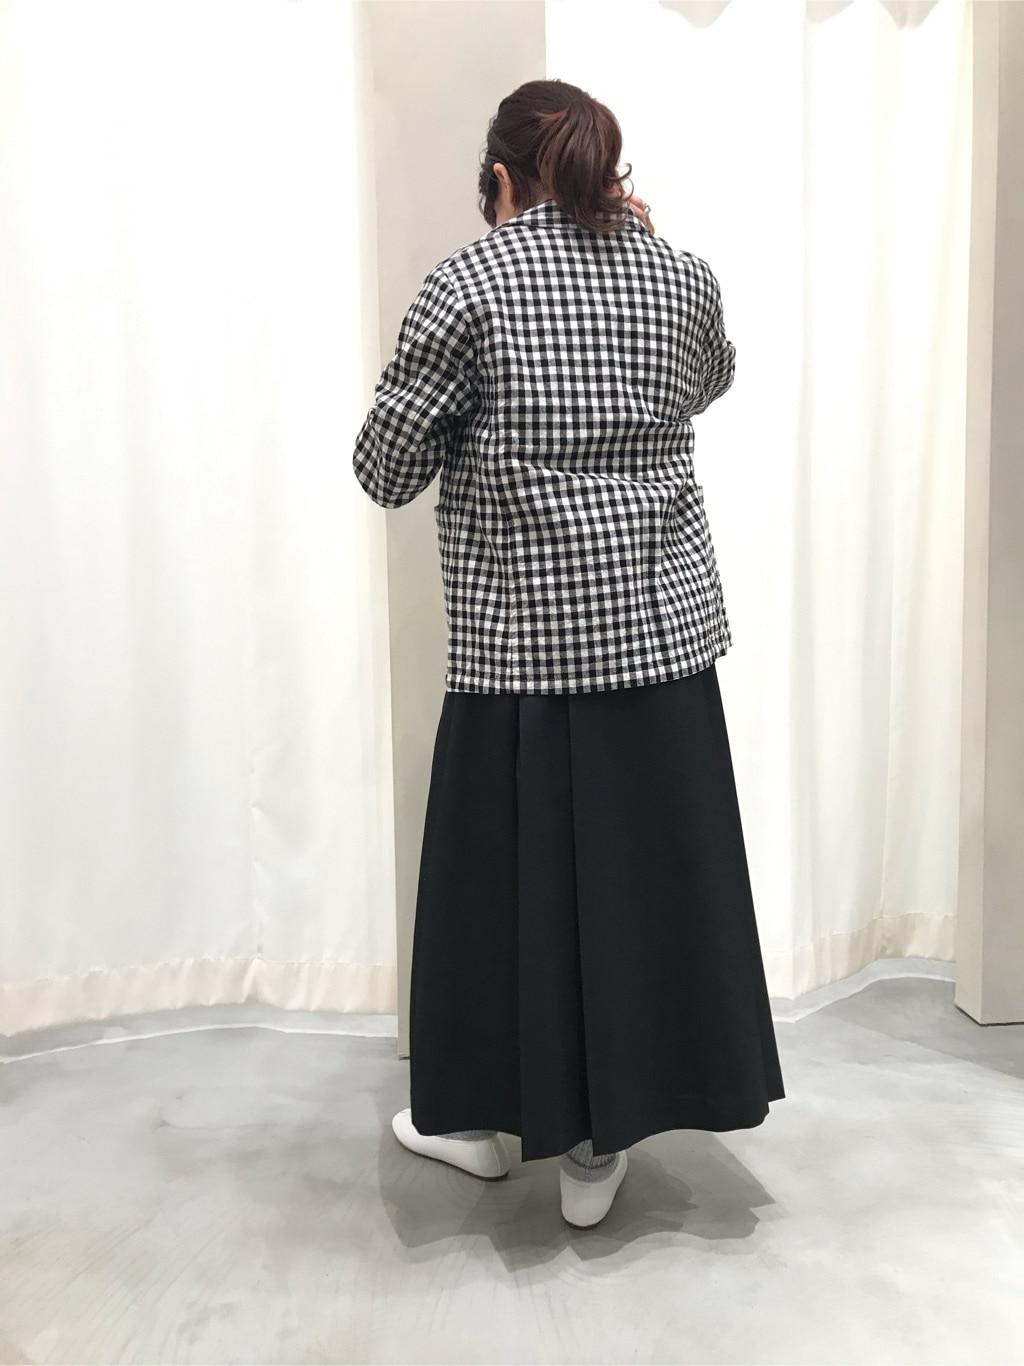 AMB SHOP PAR ICI CHILD WOMAN,PAR ICI ルミネ横浜 身長:154cm 2020.04.17